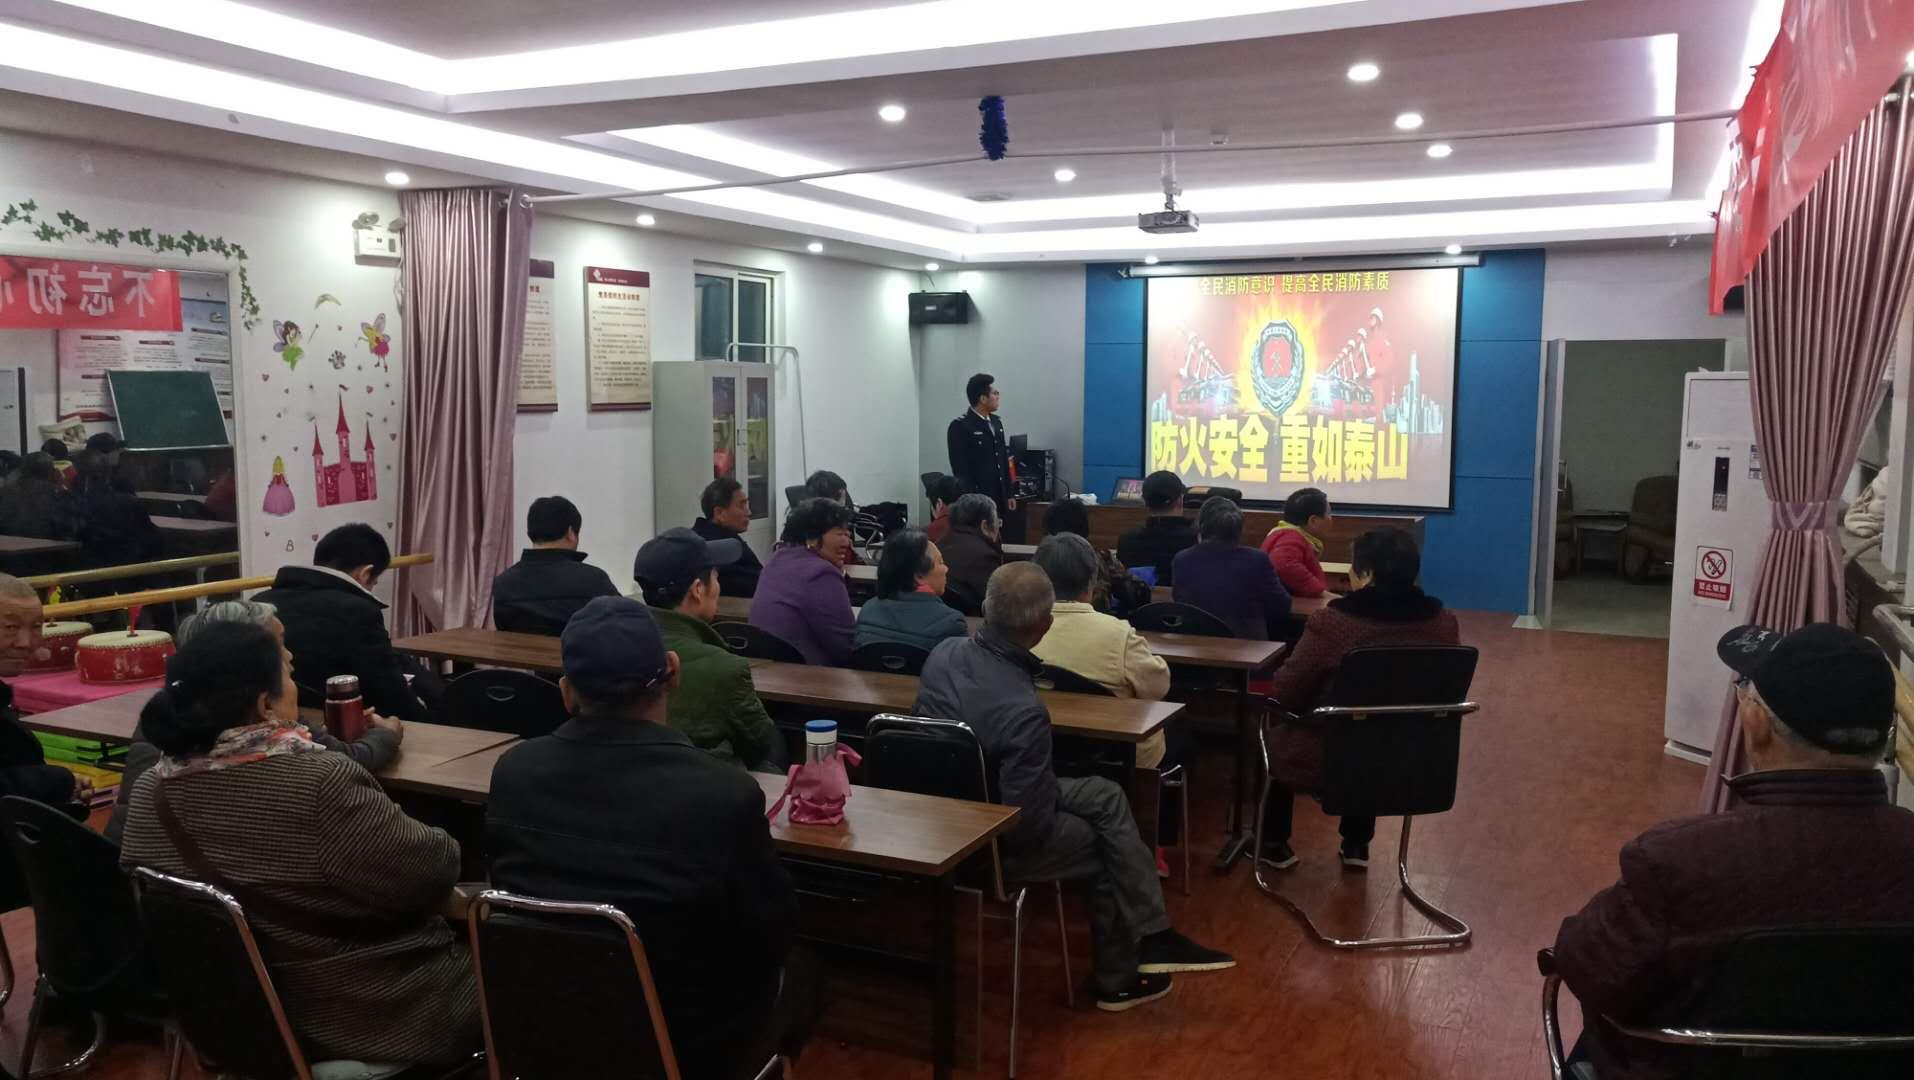 郑州市启福中华社区开展消防安全讲座